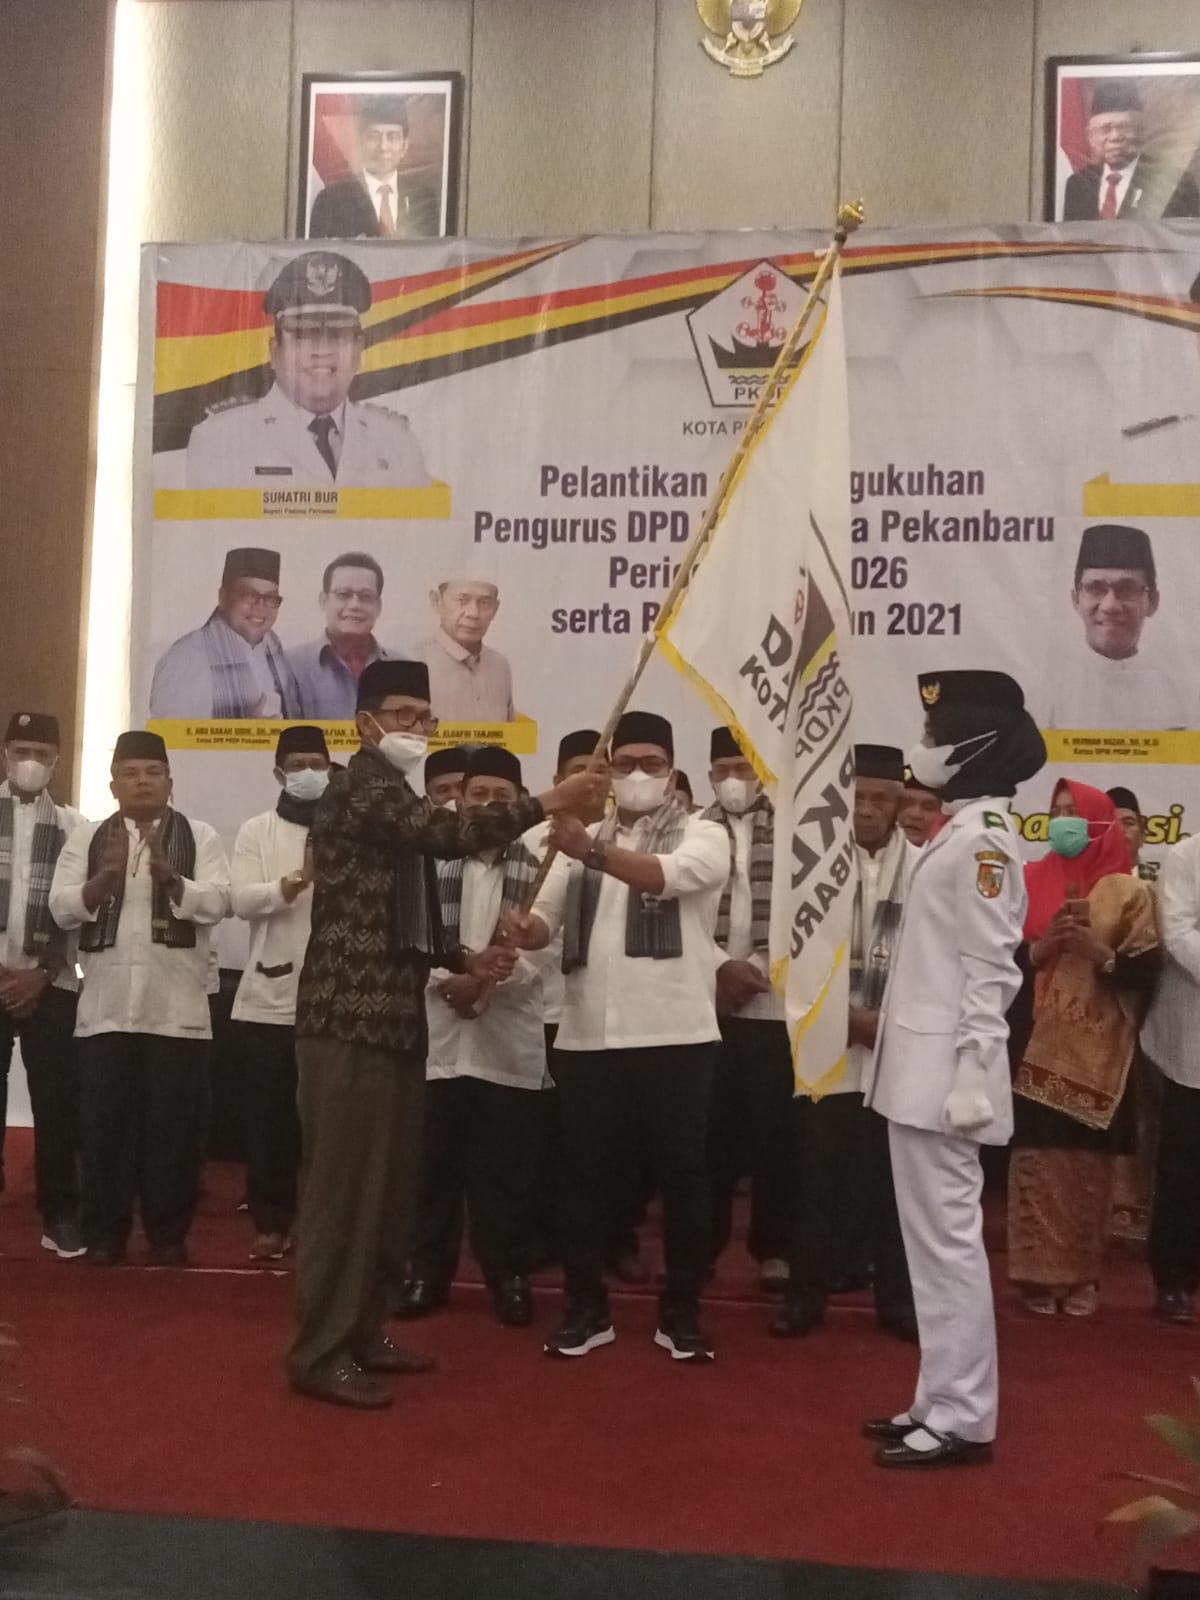 Ketua DPD PKDP Kota Pekanbaru Resmi Dilantik